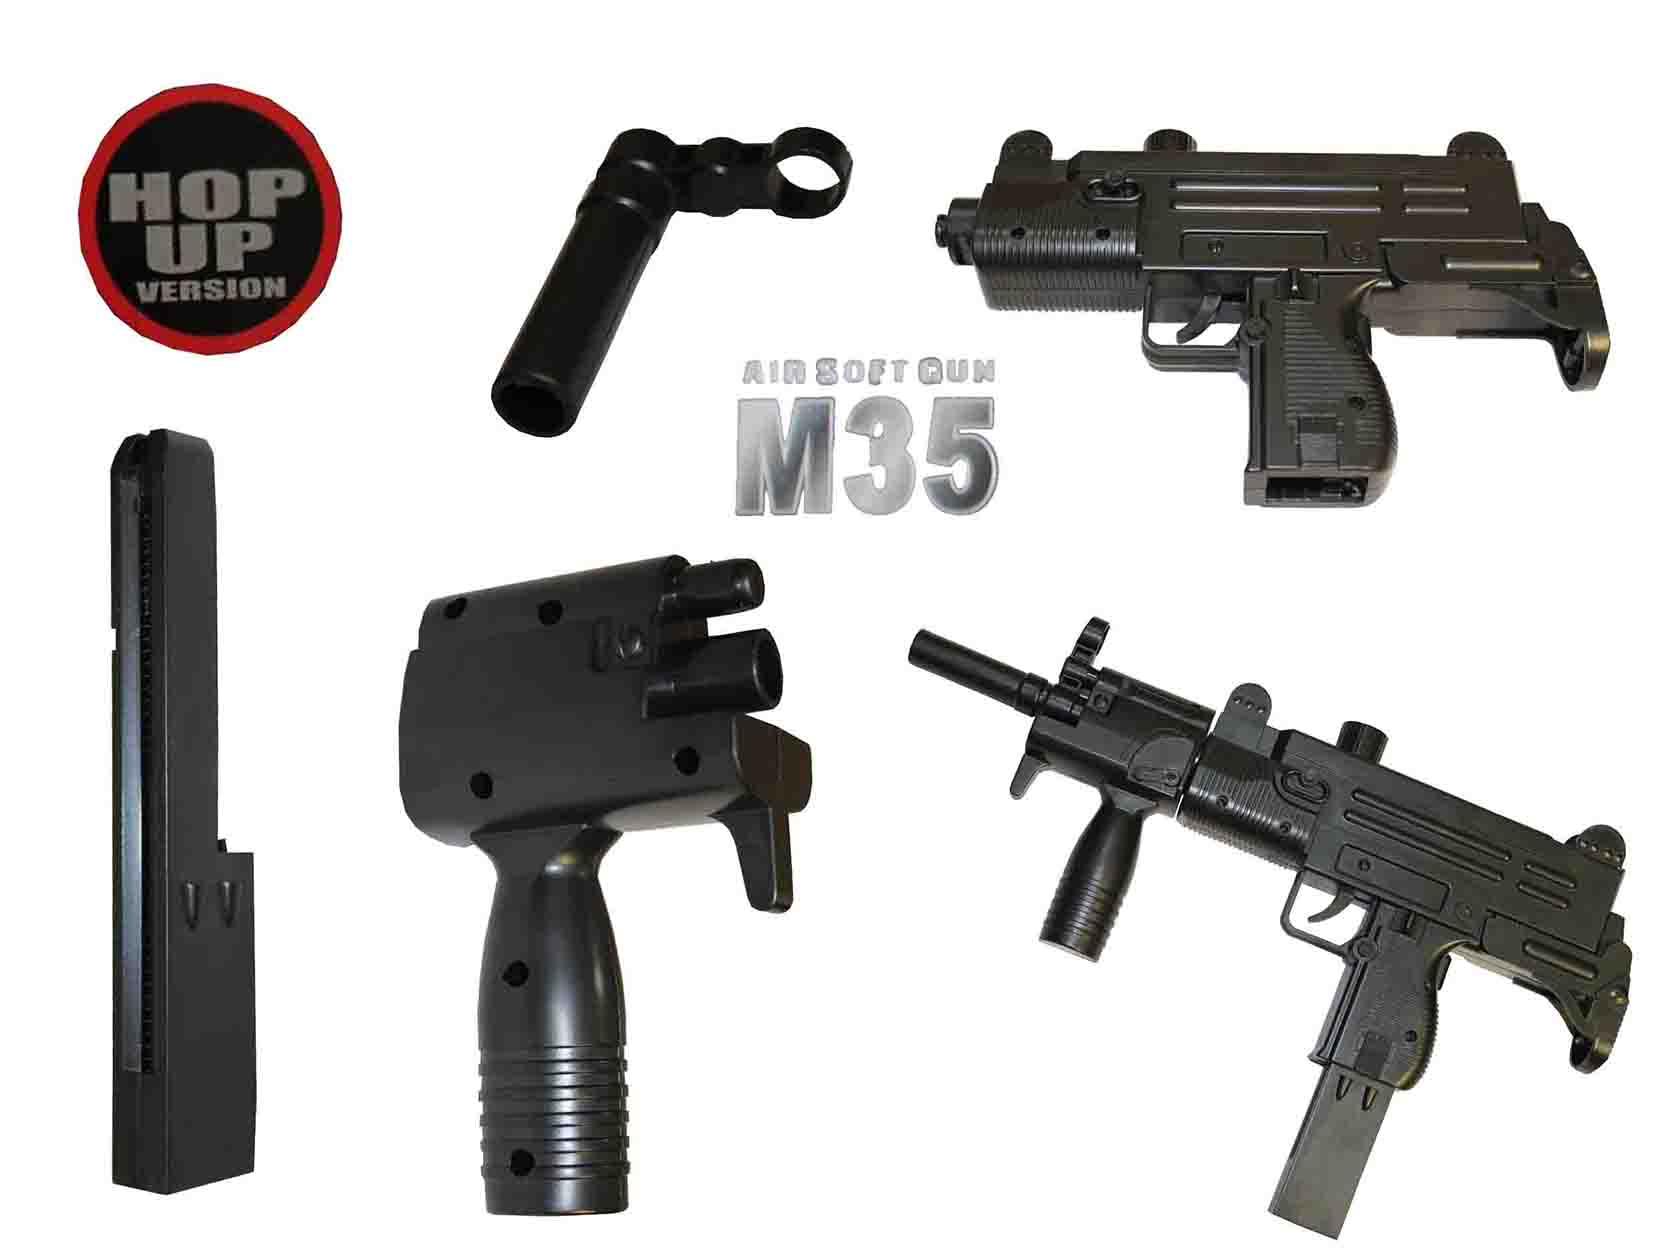 خرید تفنگ یوزی تیر پرتابی ساچمه ای مدل gun-m35